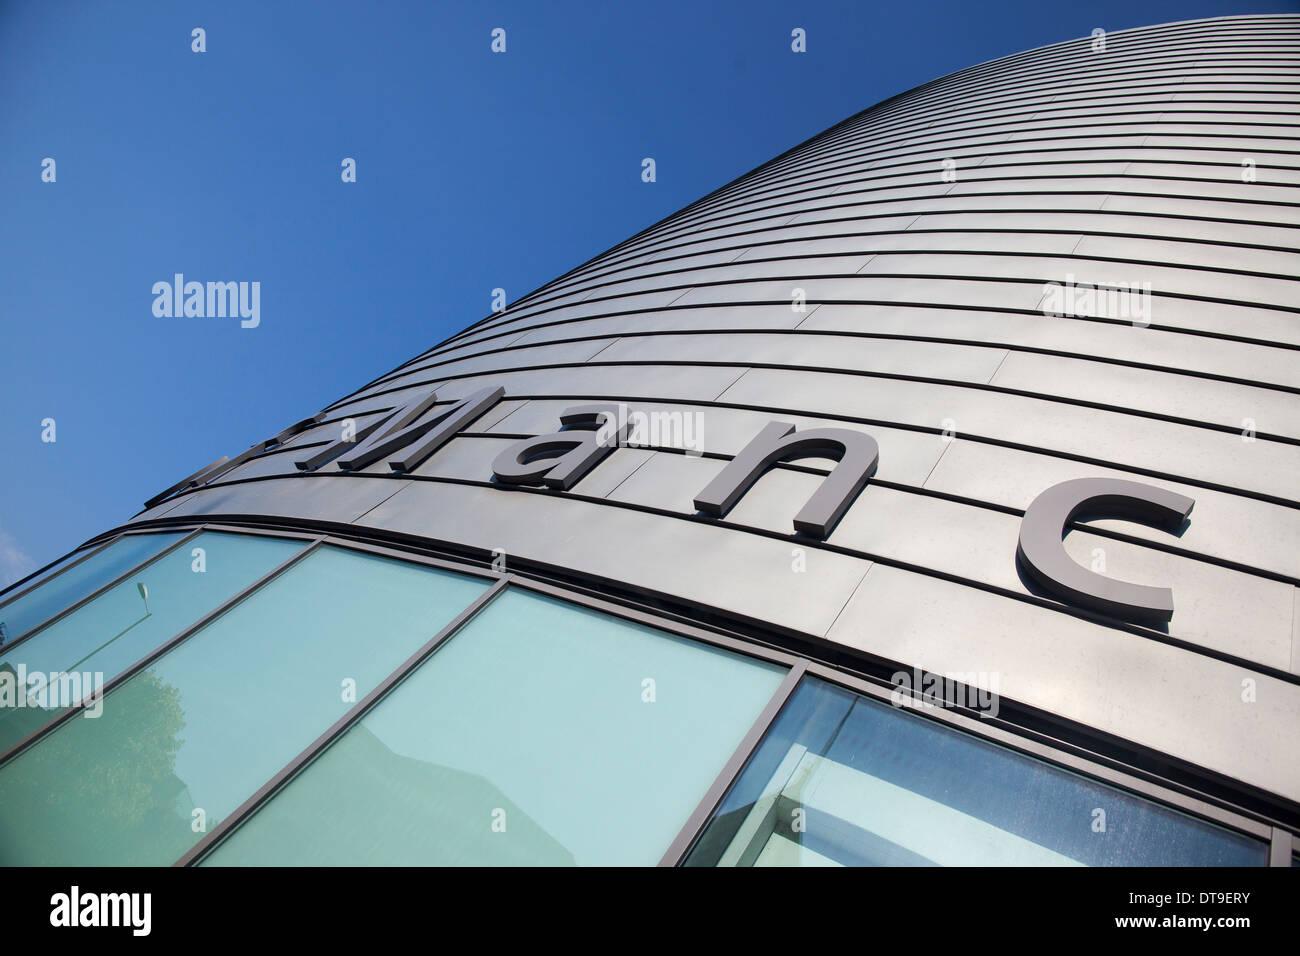 Surnommé l'étain peut l'Université de Manchester's University place building sur Oxford Road à Manchester Banque D'Images